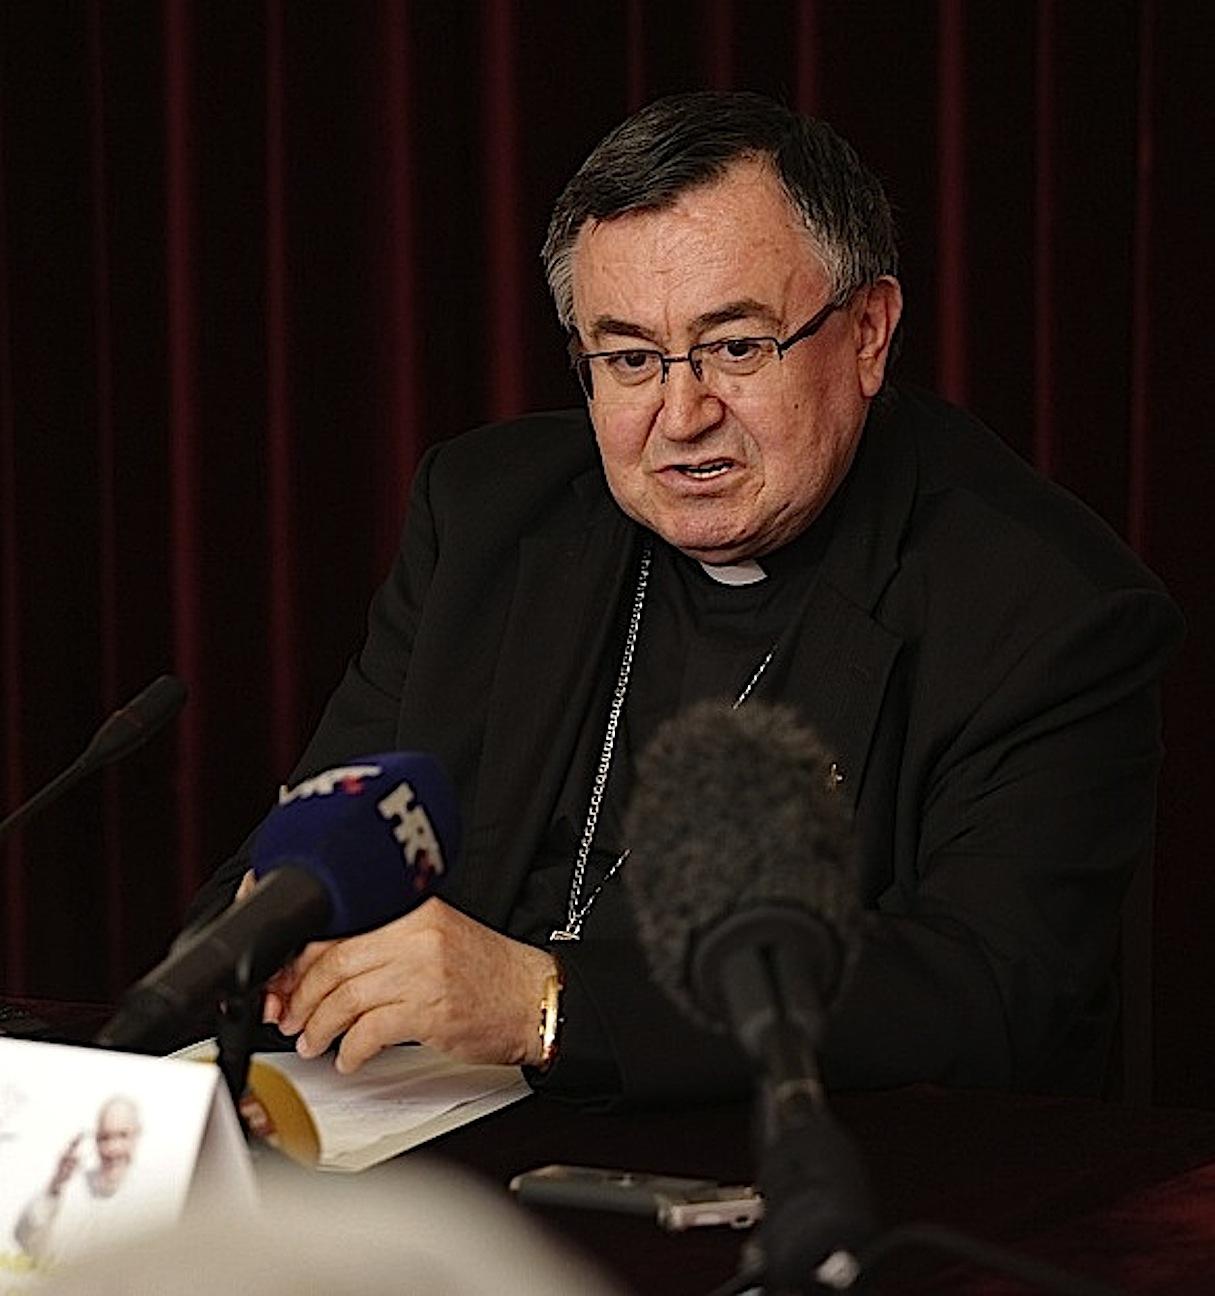 Cardinal Vinko Puljić presenting Pope's visit to Sarajevo and Bosnia and Herzegovina